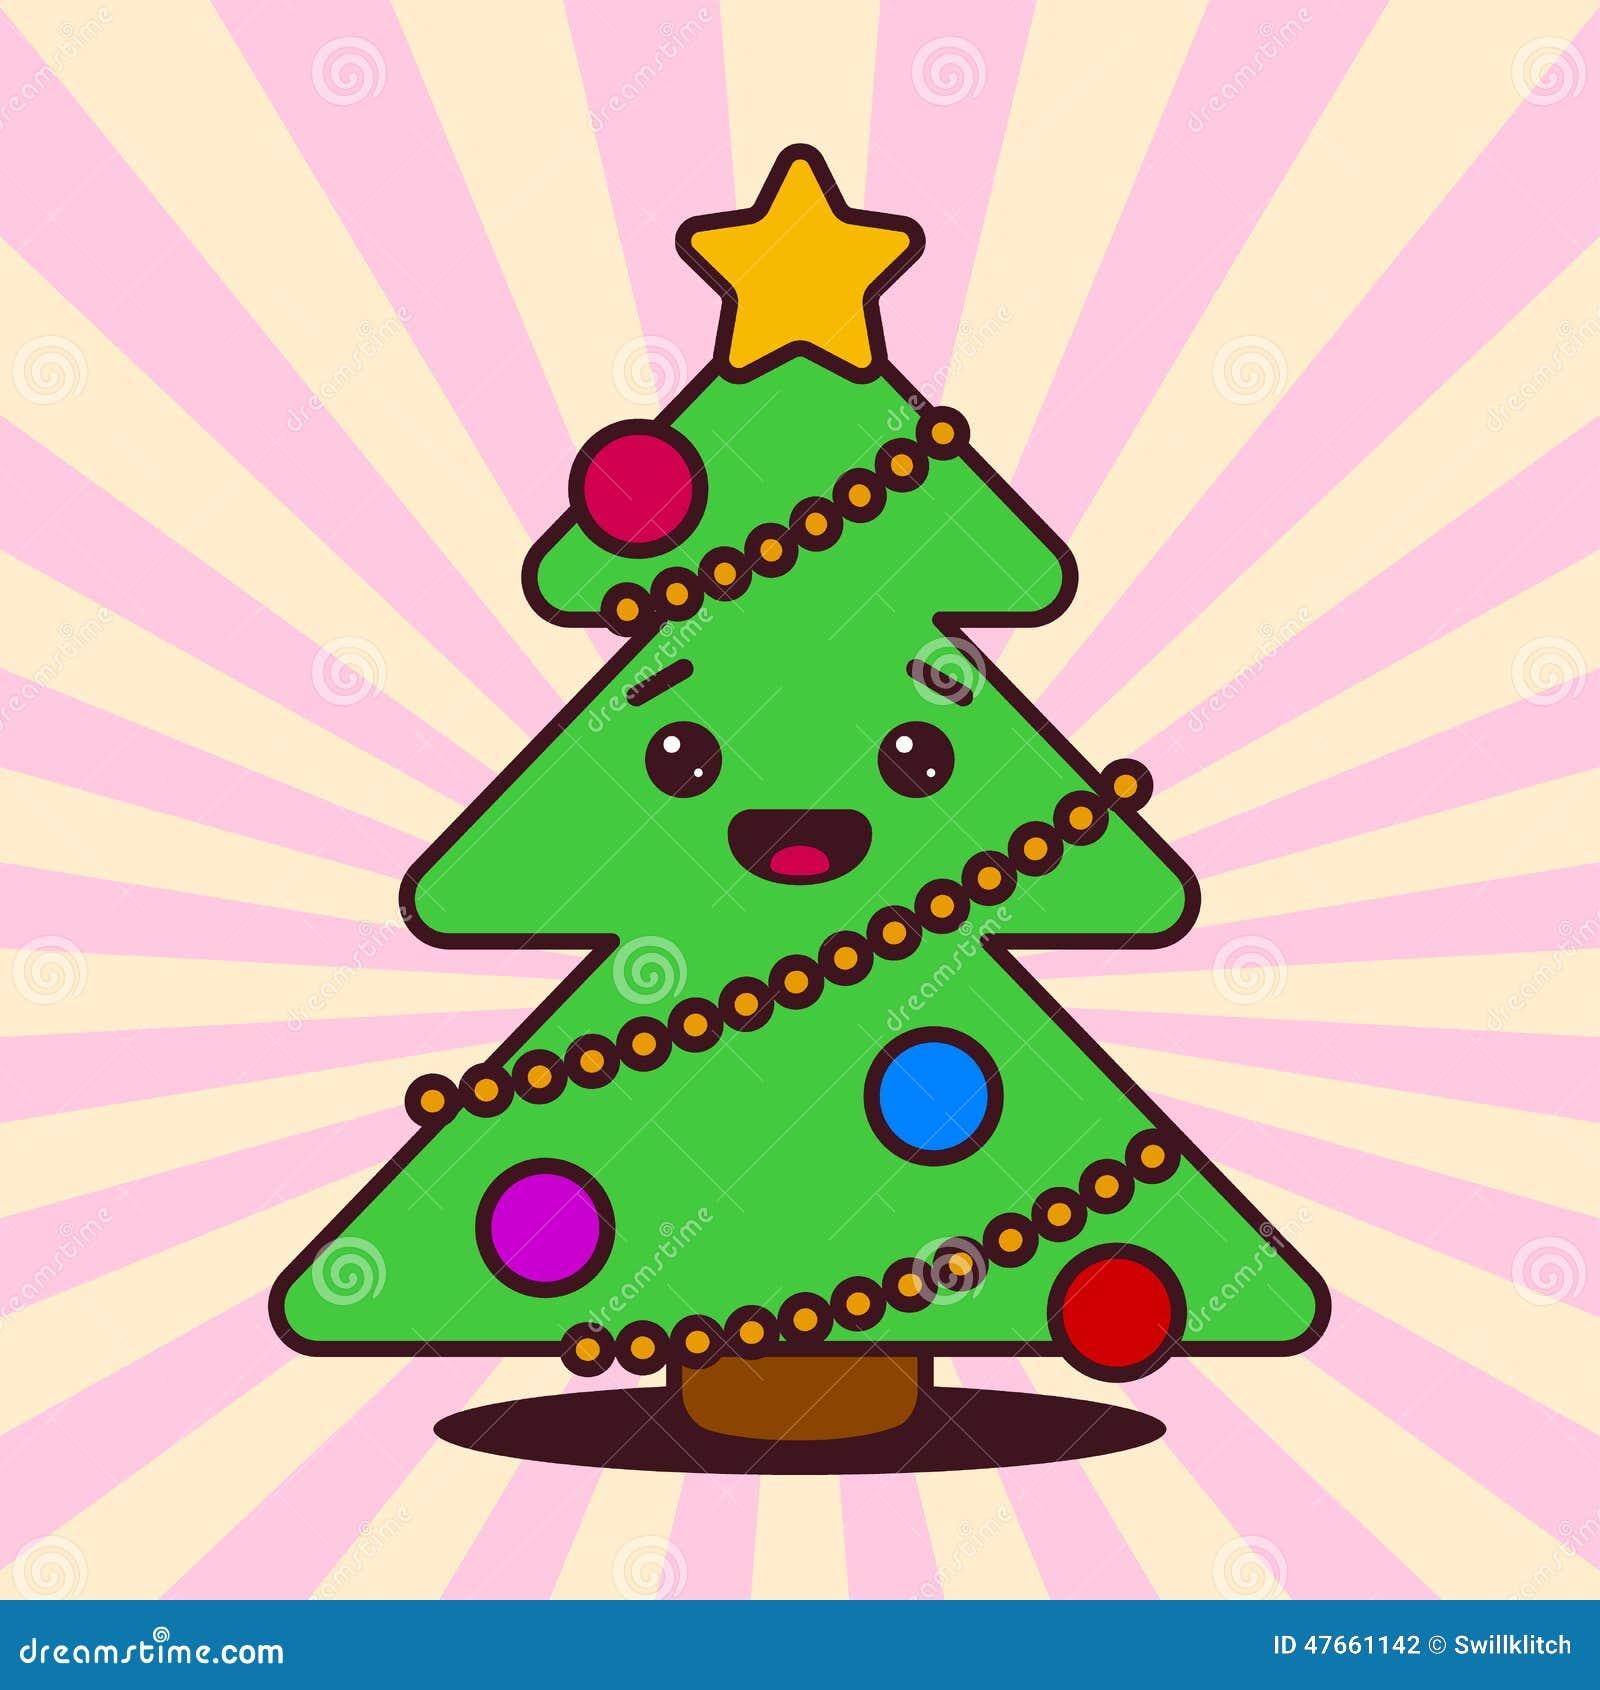 Kawaii Christmas Tree With Smiling Face Illustration 47661142 Megapixl Kawaii christmas tree pine decoration cartoon vector illustration. megapixl com